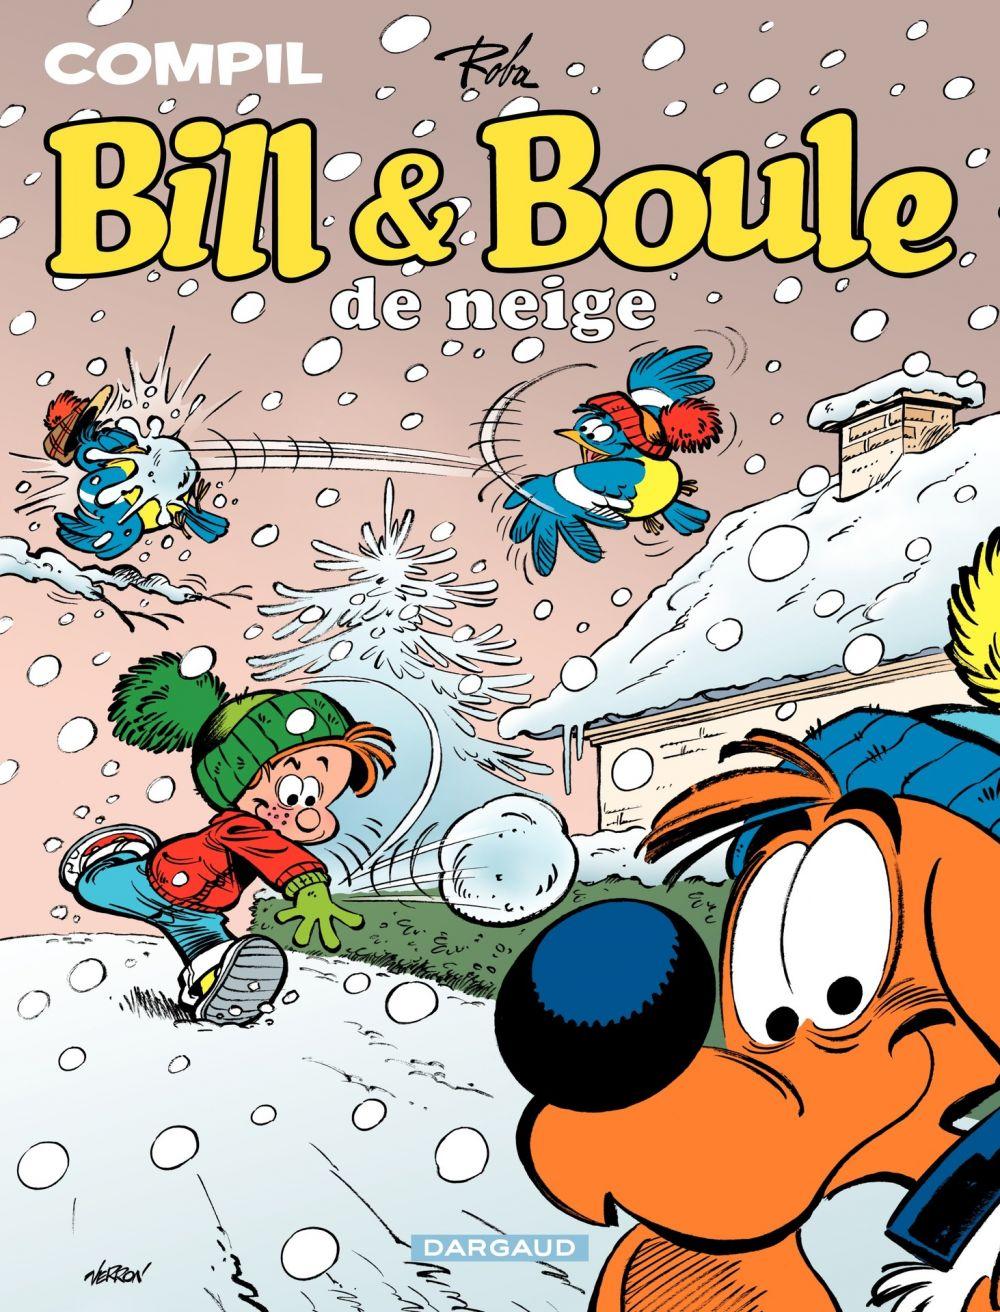 Boule et Bill (Compilation) SBB - Tome 1 - Bill et Boule de neige   Jean Roba, . Illustrateur